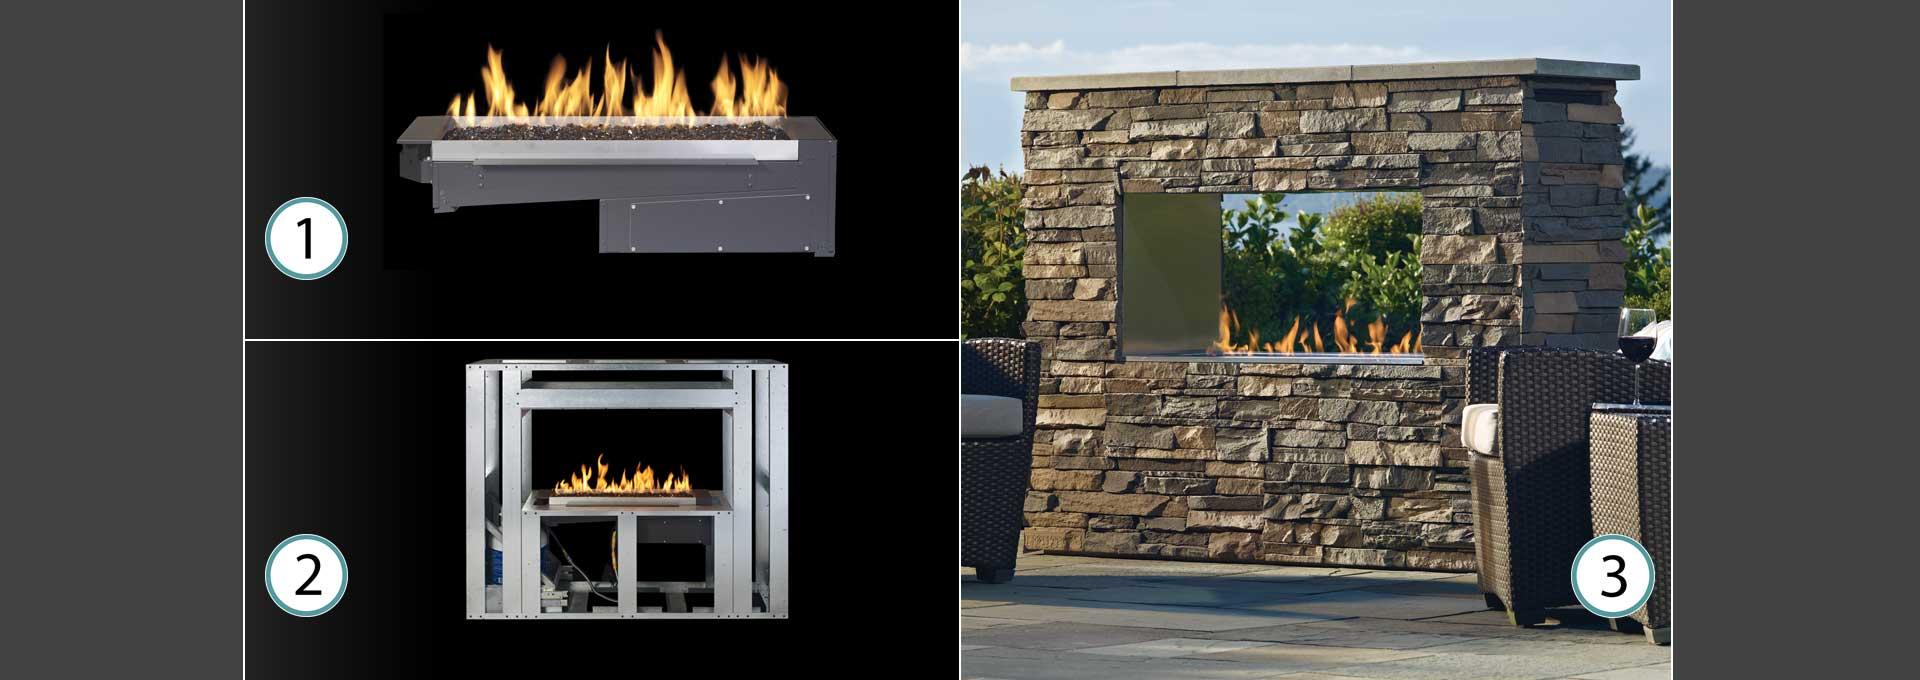 outdoor gas fireplace burner plateau pto30 regency fireplace products rh regency fire com outdoor fireplace burner kits Natural Gas Outdoor Fireplace Kits